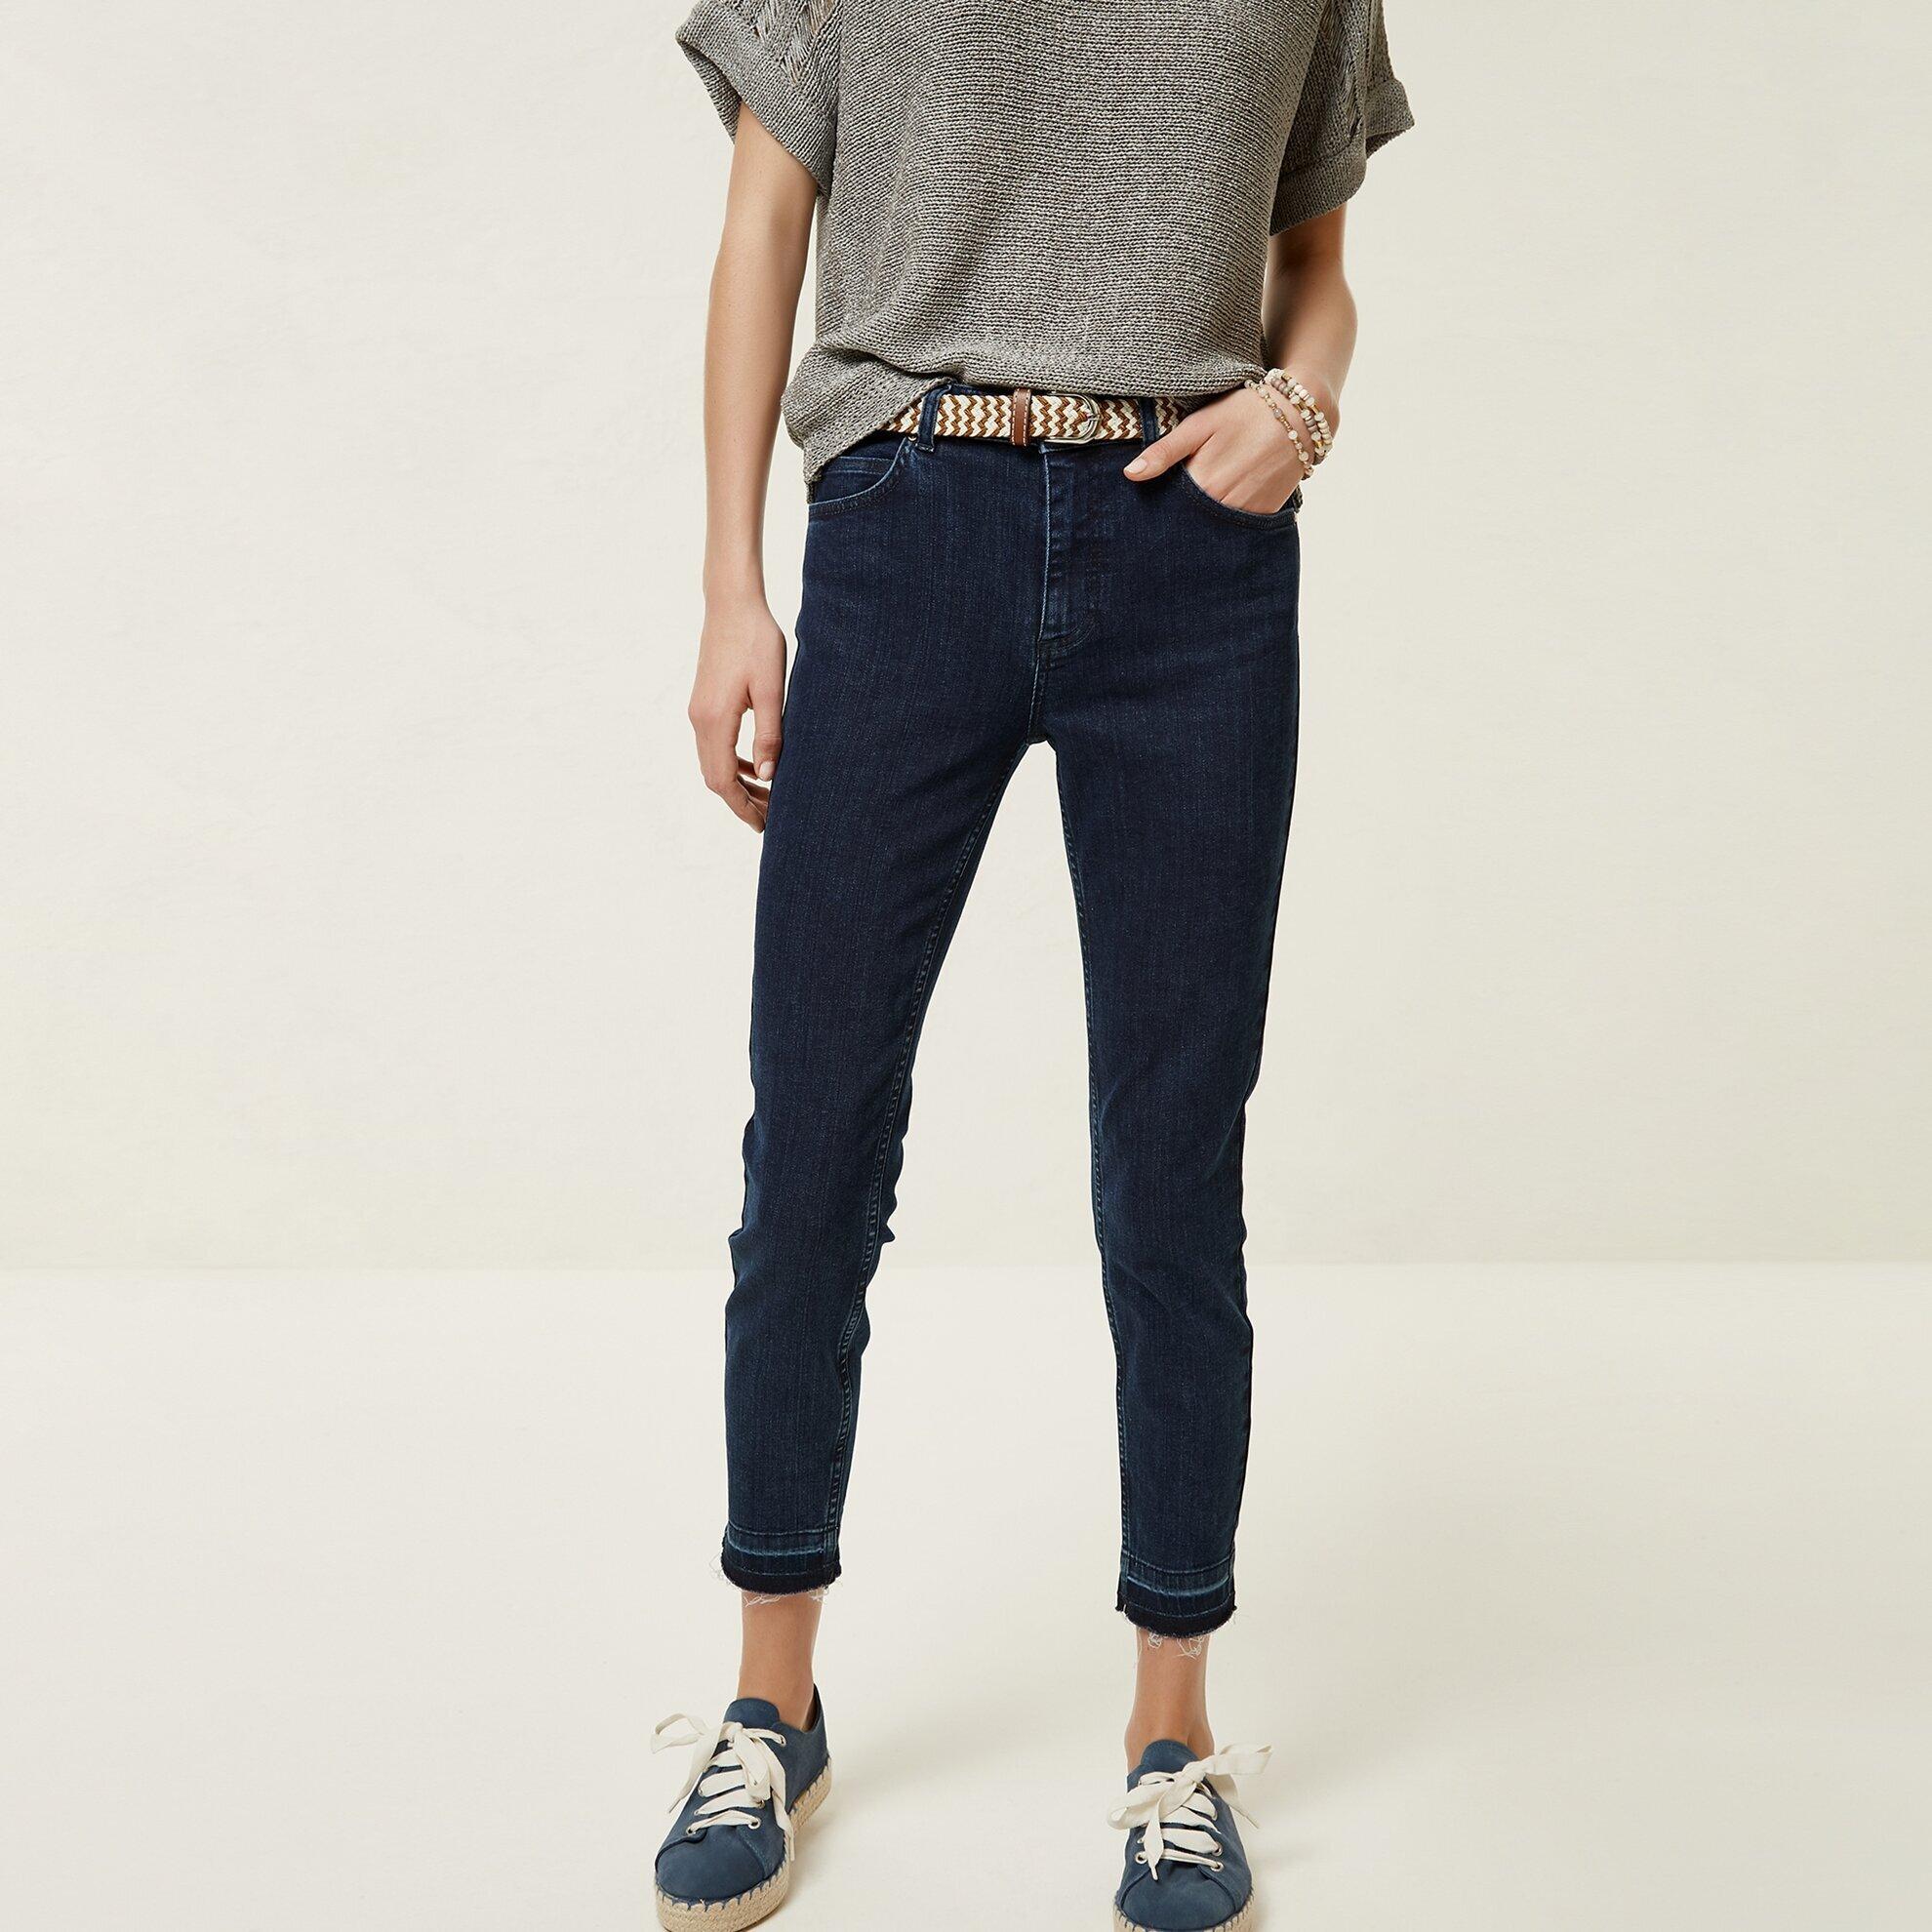 Pis Kenar Detaylı Denim Pantolon